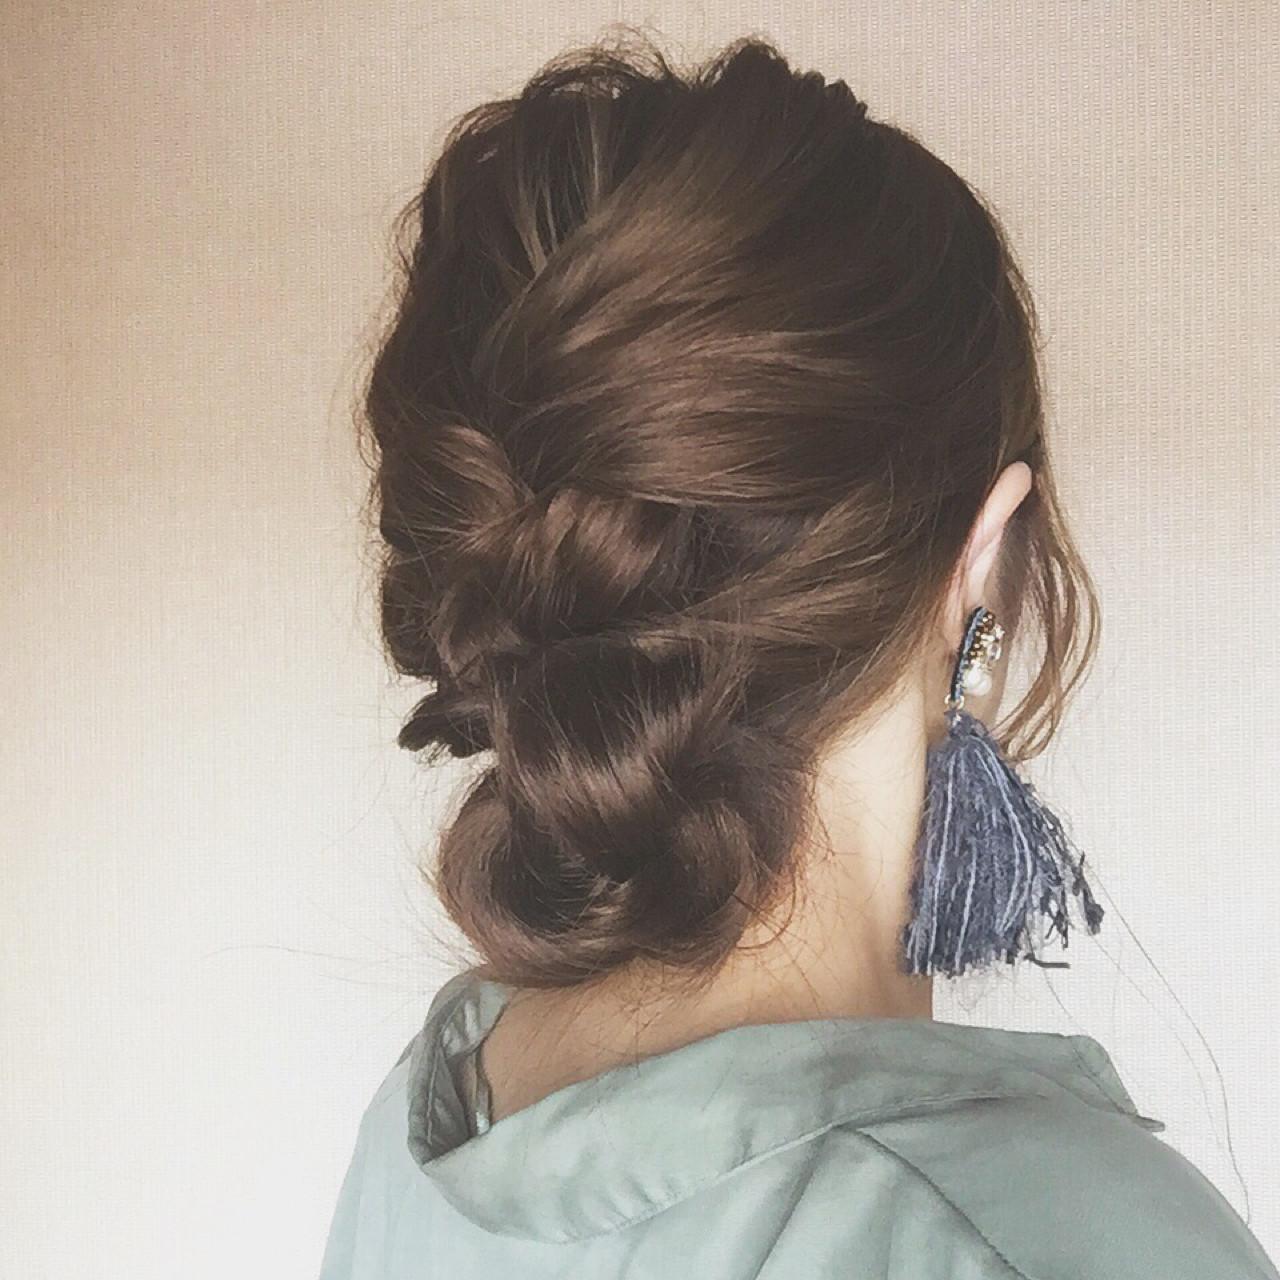 簡単ヘアアレンジ 編み込み ショート セミロング ヘアスタイルや髪型の写真・画像